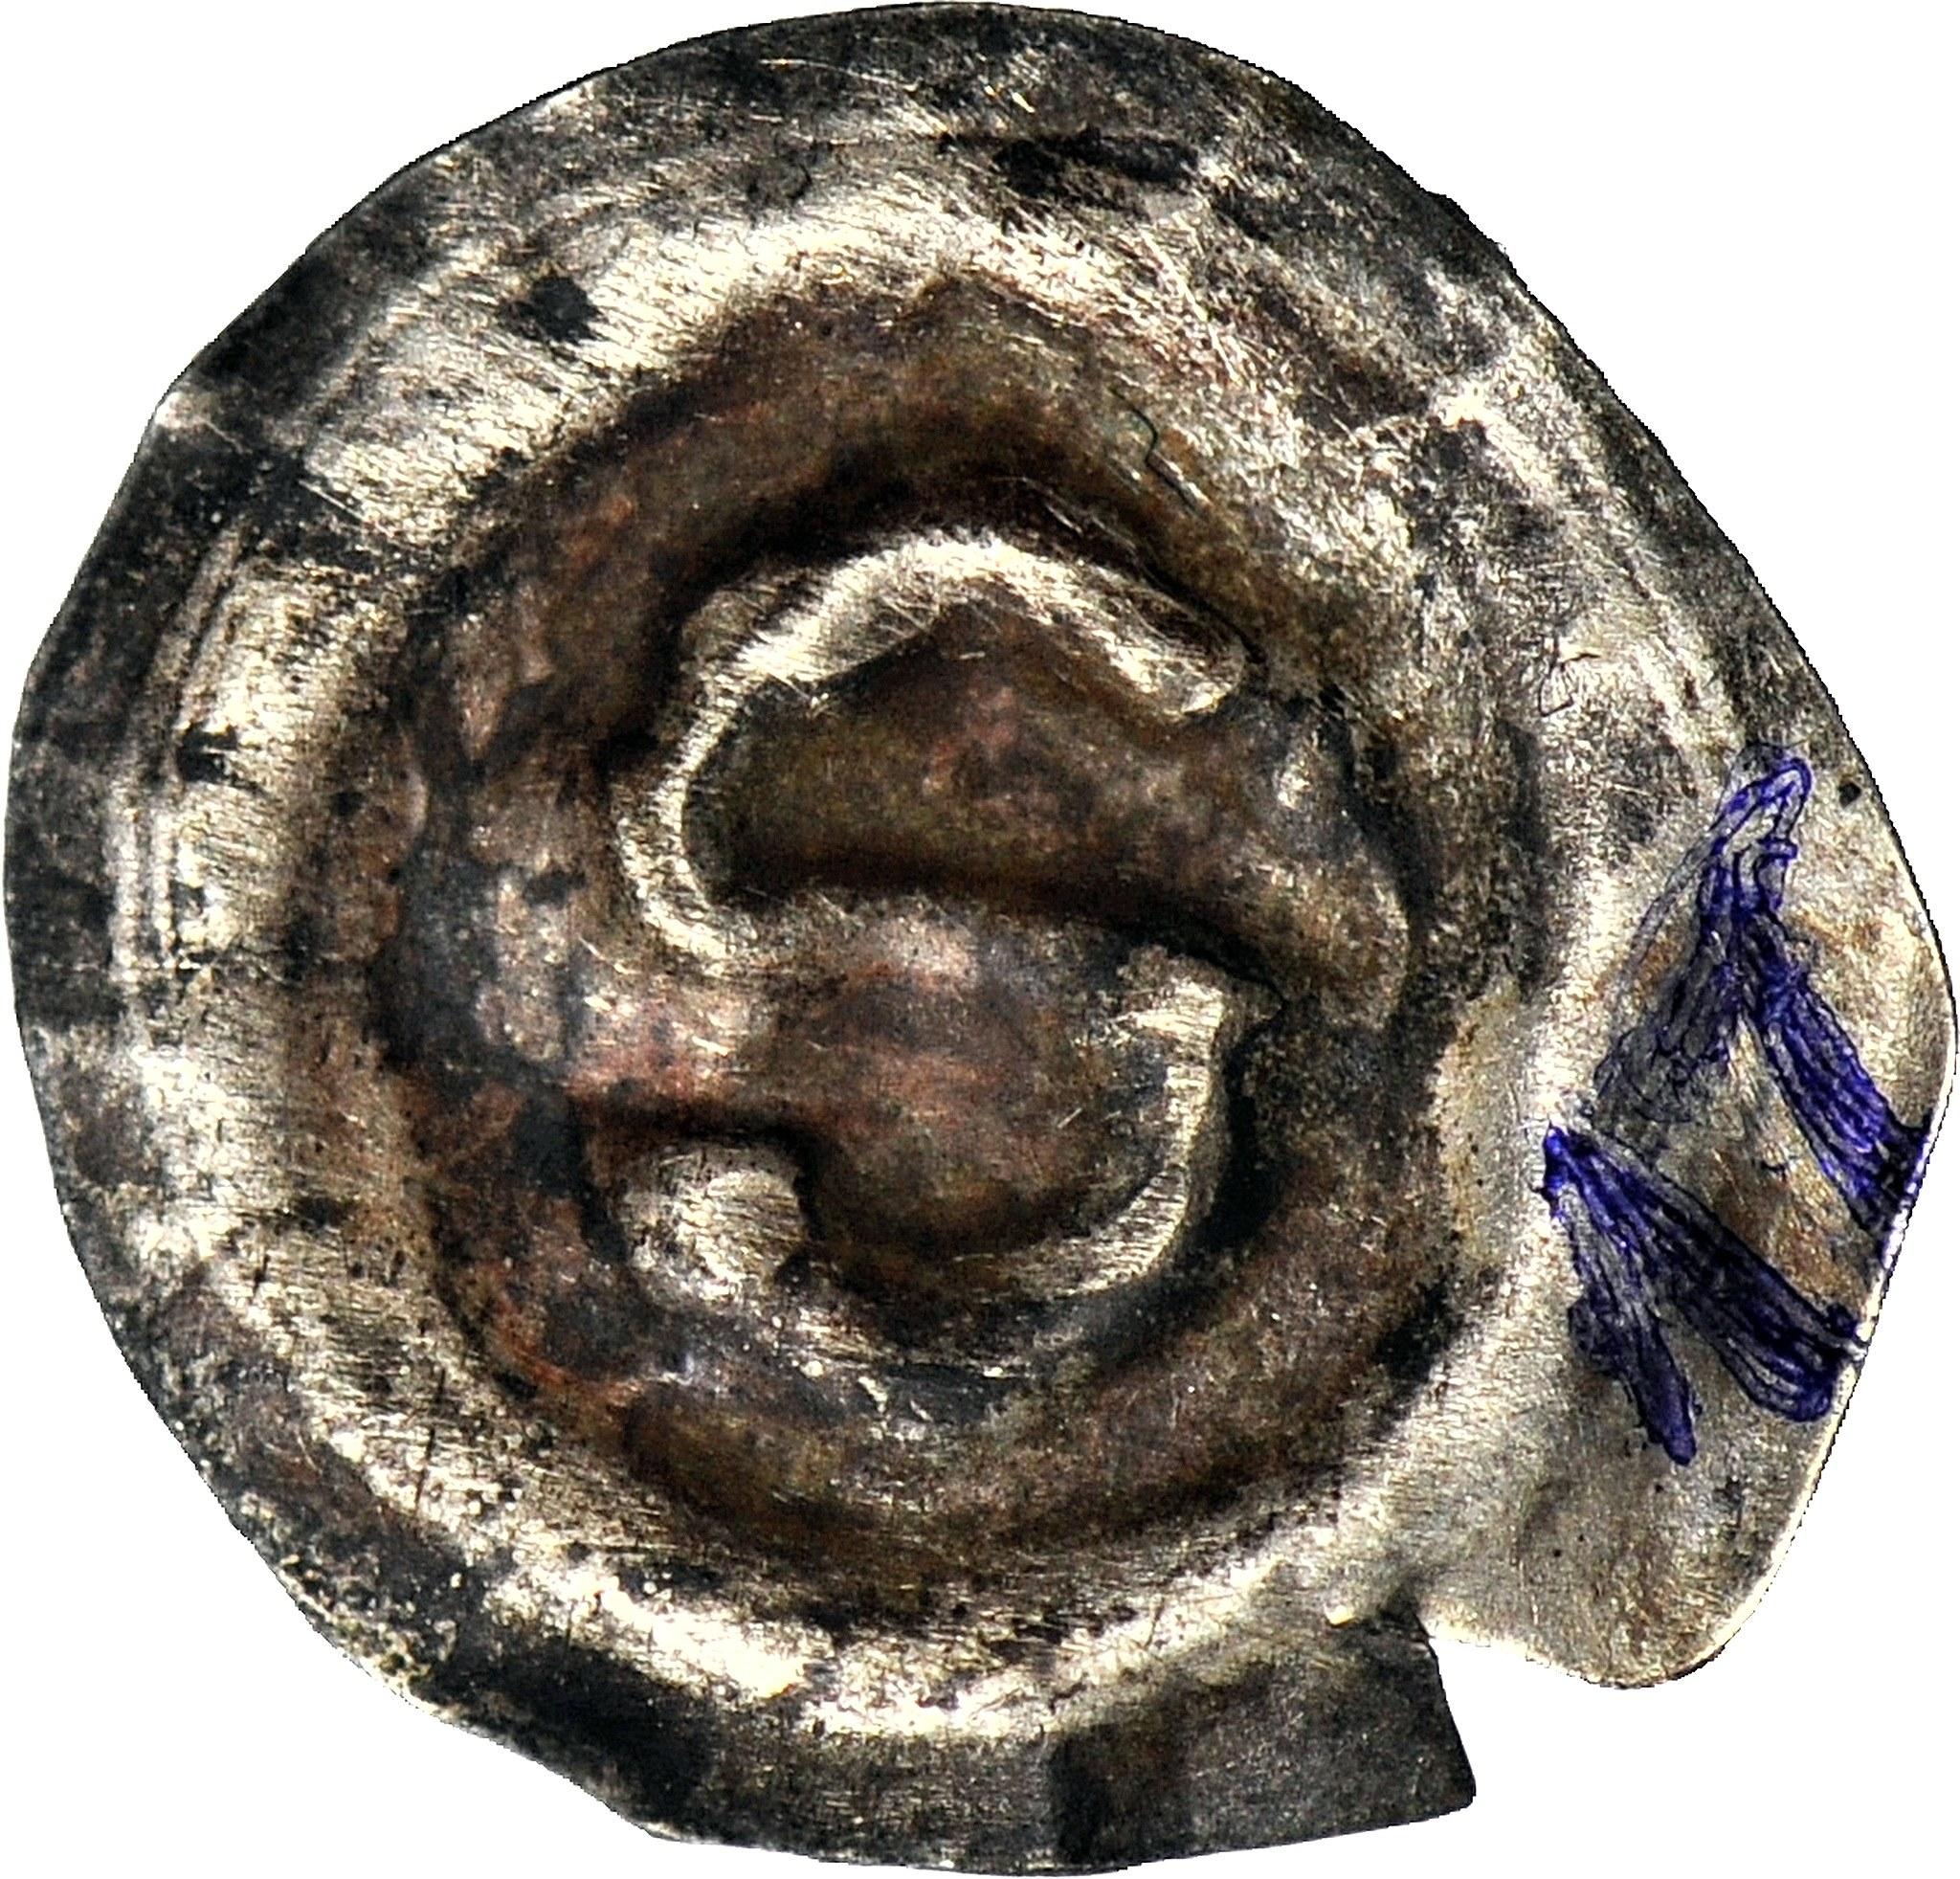 RR-, Siemowit III 1359-1381 lub Siemowit IV 1381-1426, Brakteat, Mazowsze - Płock lub Kujawy